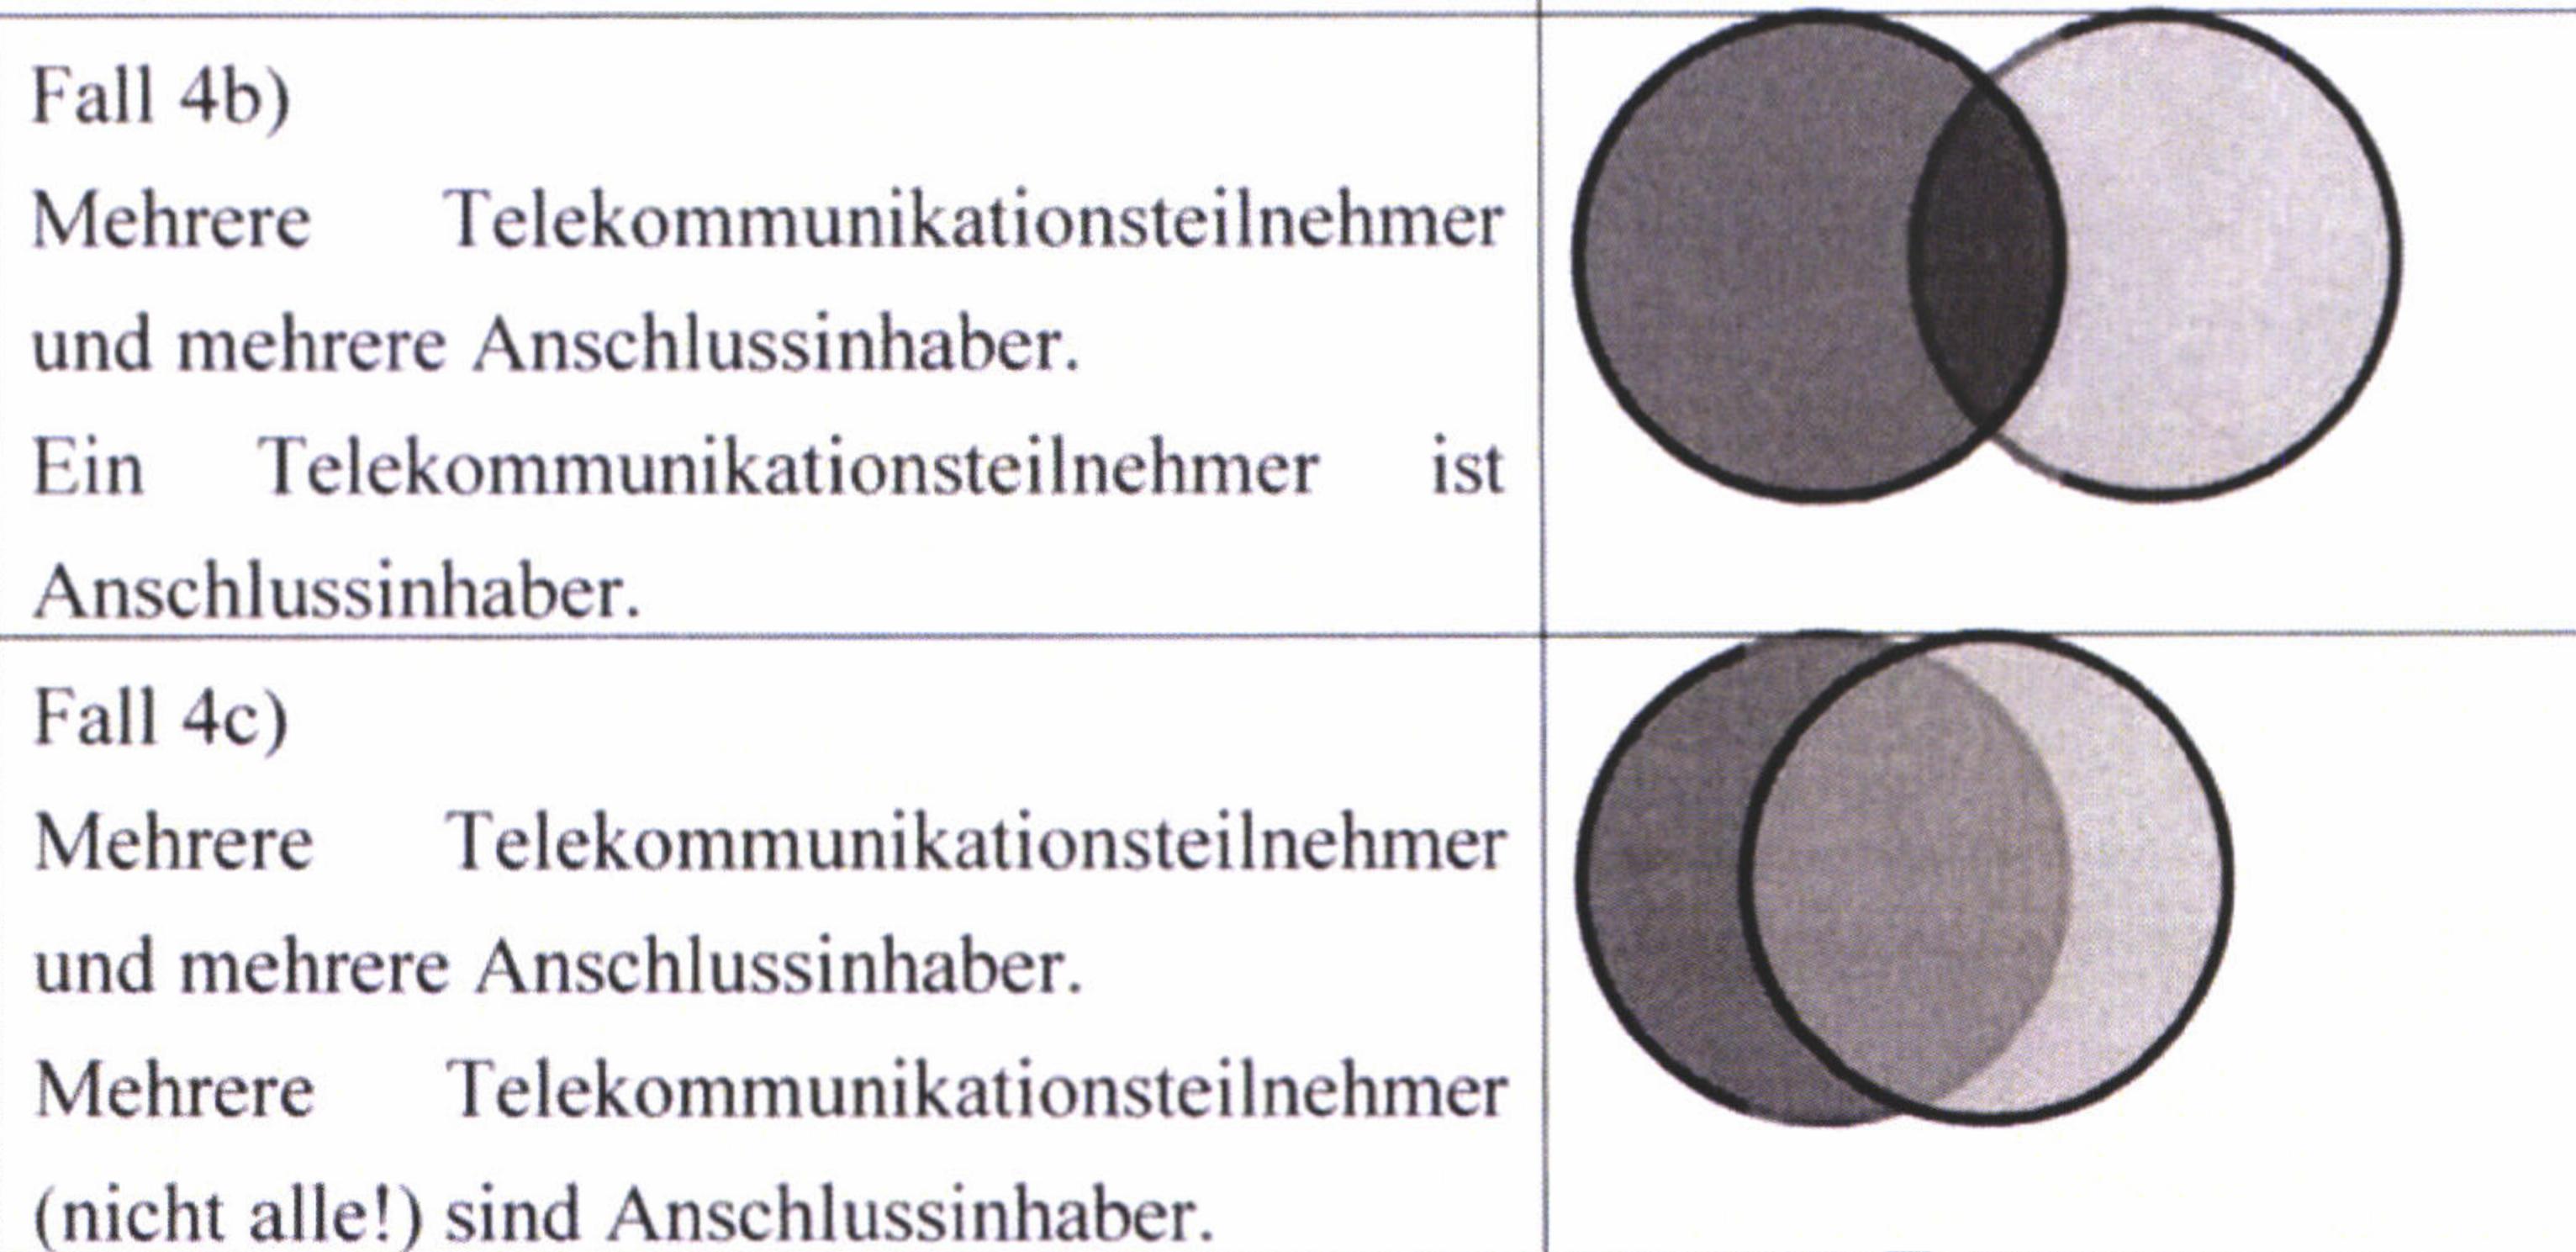 """Visualisierung des BND von """"Fallkonstellationen für einen Endpunkt der Telekommunikation""""."""